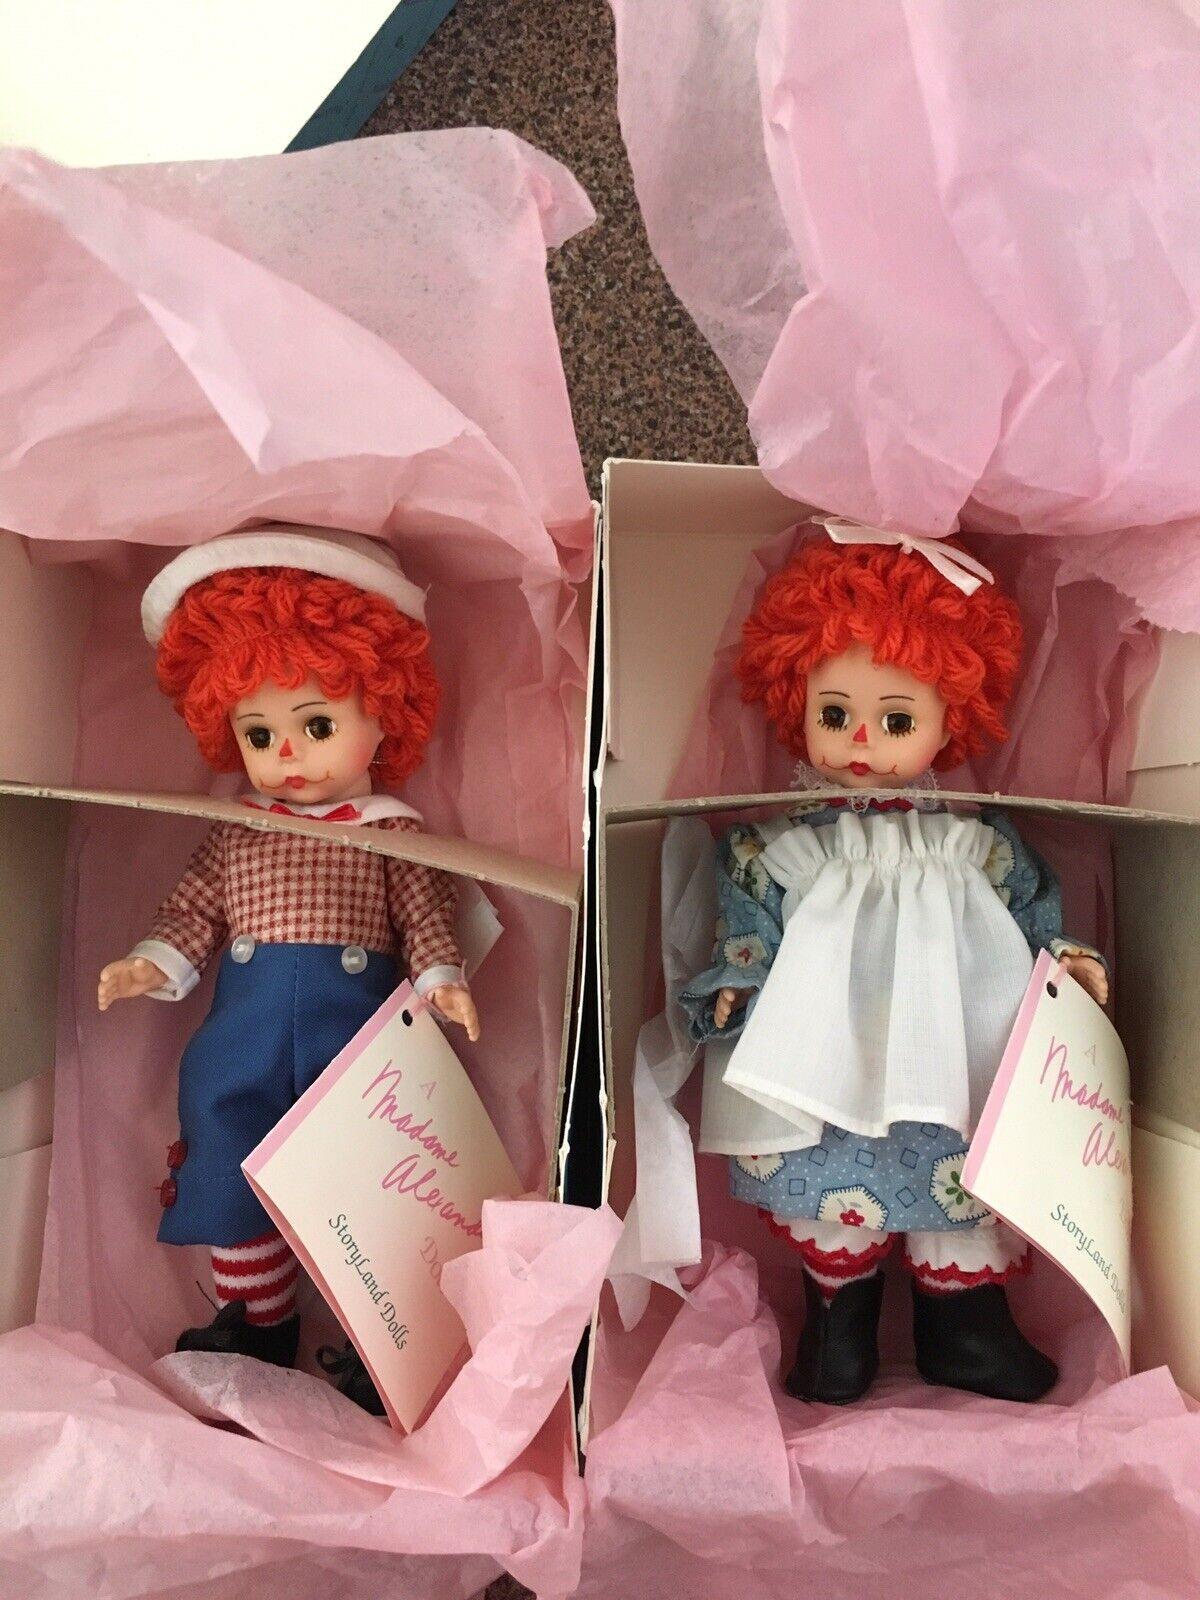 Madame Alexander Mop Top Wendy 140484 & Mop Top Billy 140485 con etiquetas y cajas